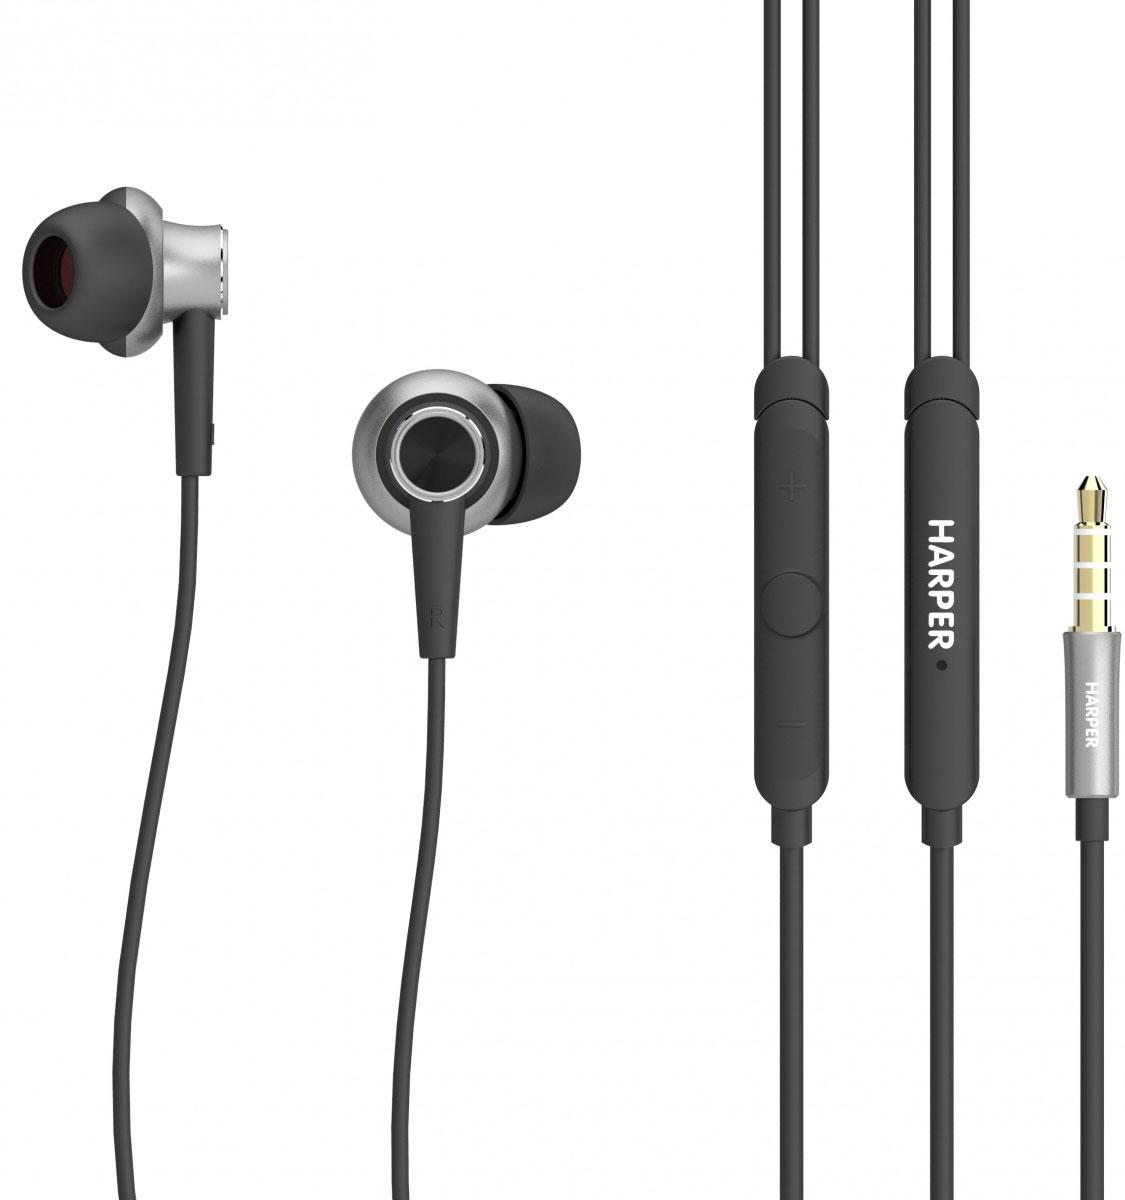 Harper HV-808, Black наушникиH00001237Проводные стереонаушники Harper HV-808 обладают анатомической формой и разработаны таким образом, чтобы сделать качество звучания музыки непревзойденным. Этому способствуют форма наушников (звучание под углом к слуховому каналу), а также техническая начинка. С Harper HV-808 вы сможете слушать музыку в идеальном качестве даже на небольшой громкости. В комплекте поставляются три набора мягких силиконовых накладок разного размера и удобный чехол для хранения и переноски наушников. В инструкции вы найдете рекомендации по подбору правильного размера амбушюр, а также инструкции по уходу и эксплуатации Harper HV-808. Несмотря на то, что наушники проводные, при использовании с современными смартфонами на базе ОС Android или iOS, вы сможете управлять треками (перемотка, переключение, пауза, воспроизведение) и вызовами (режим телефонной гарнитуры). Для этого в едином корпусе на проводе наушников с микрофоном размещены три кнопки. Наличие разъема 3,5 мм...